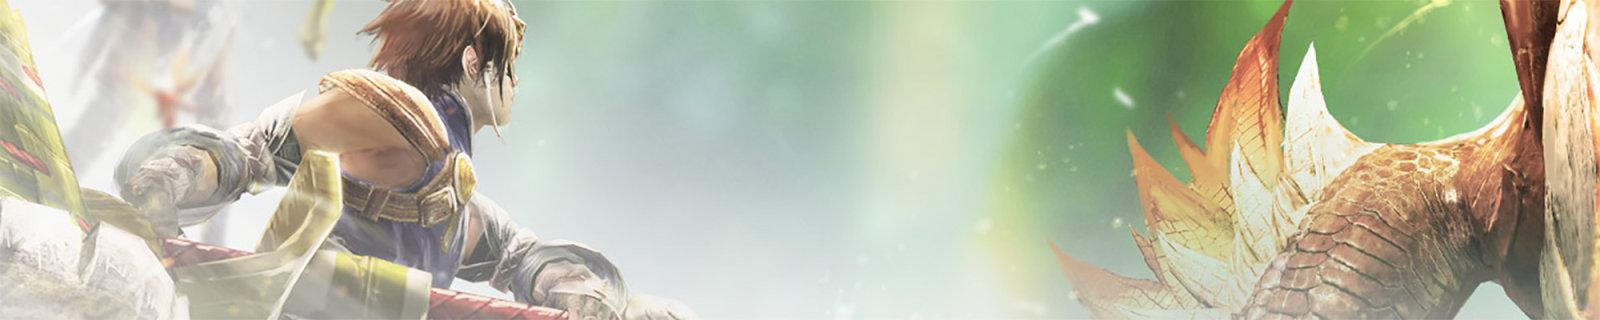 《怪物猎人OL》新怪物银眠鸟曝光